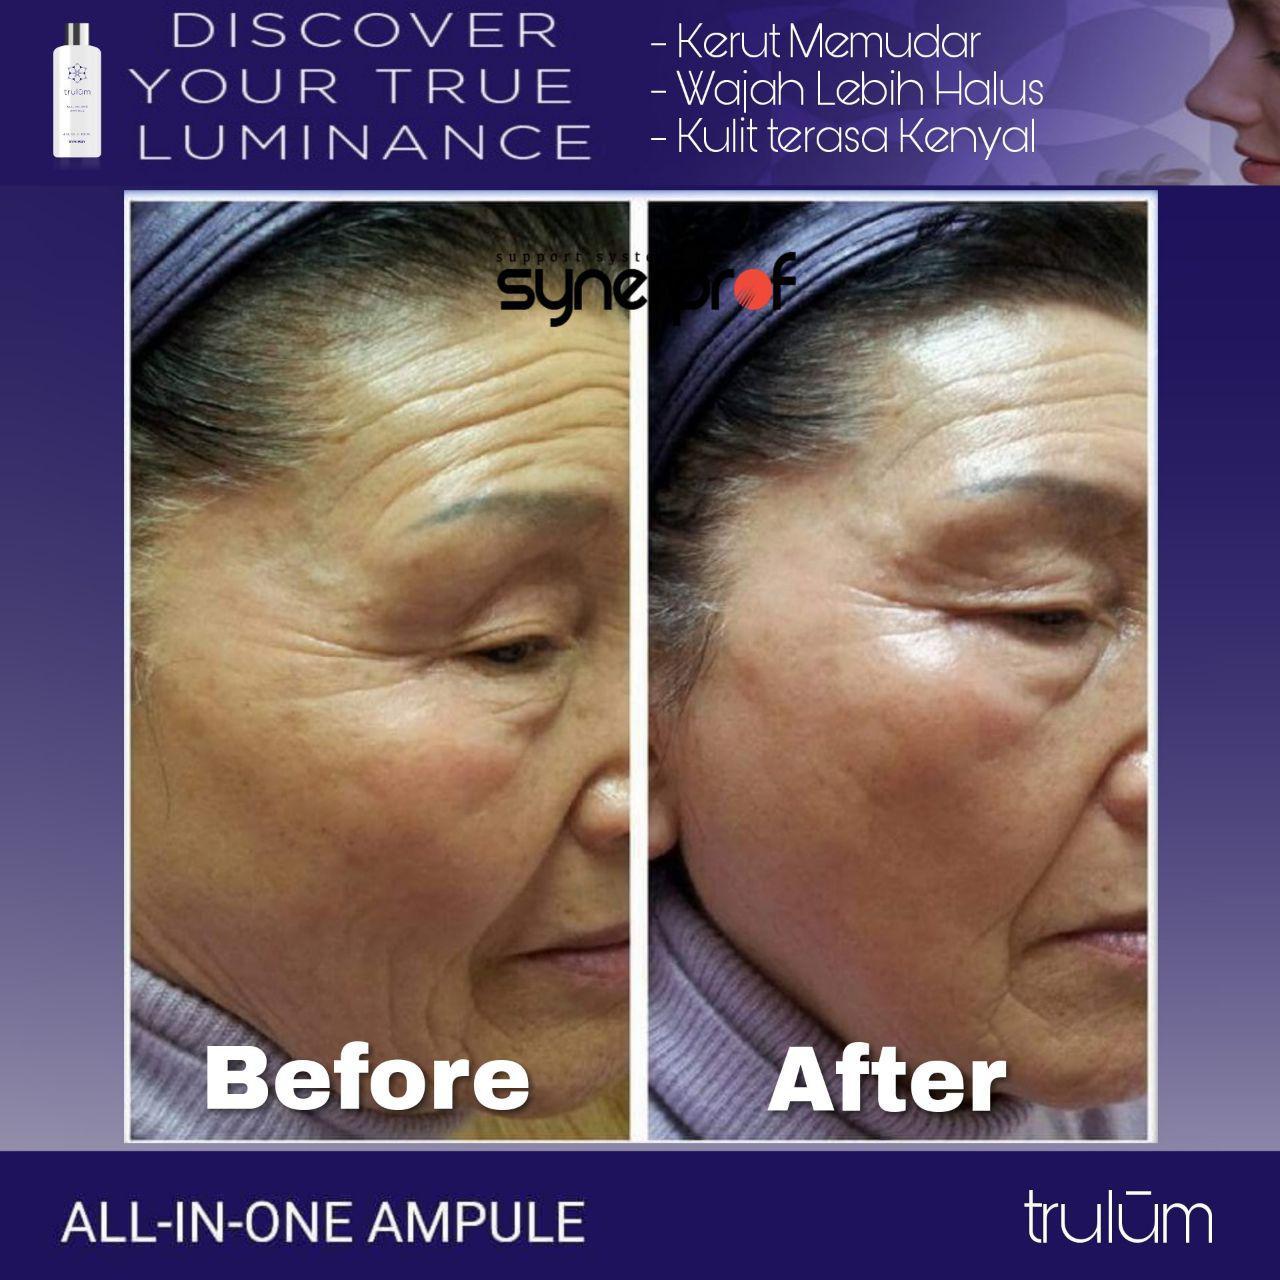 Jual Trulum Skincare Di Moncong Loe WA: 08112338376